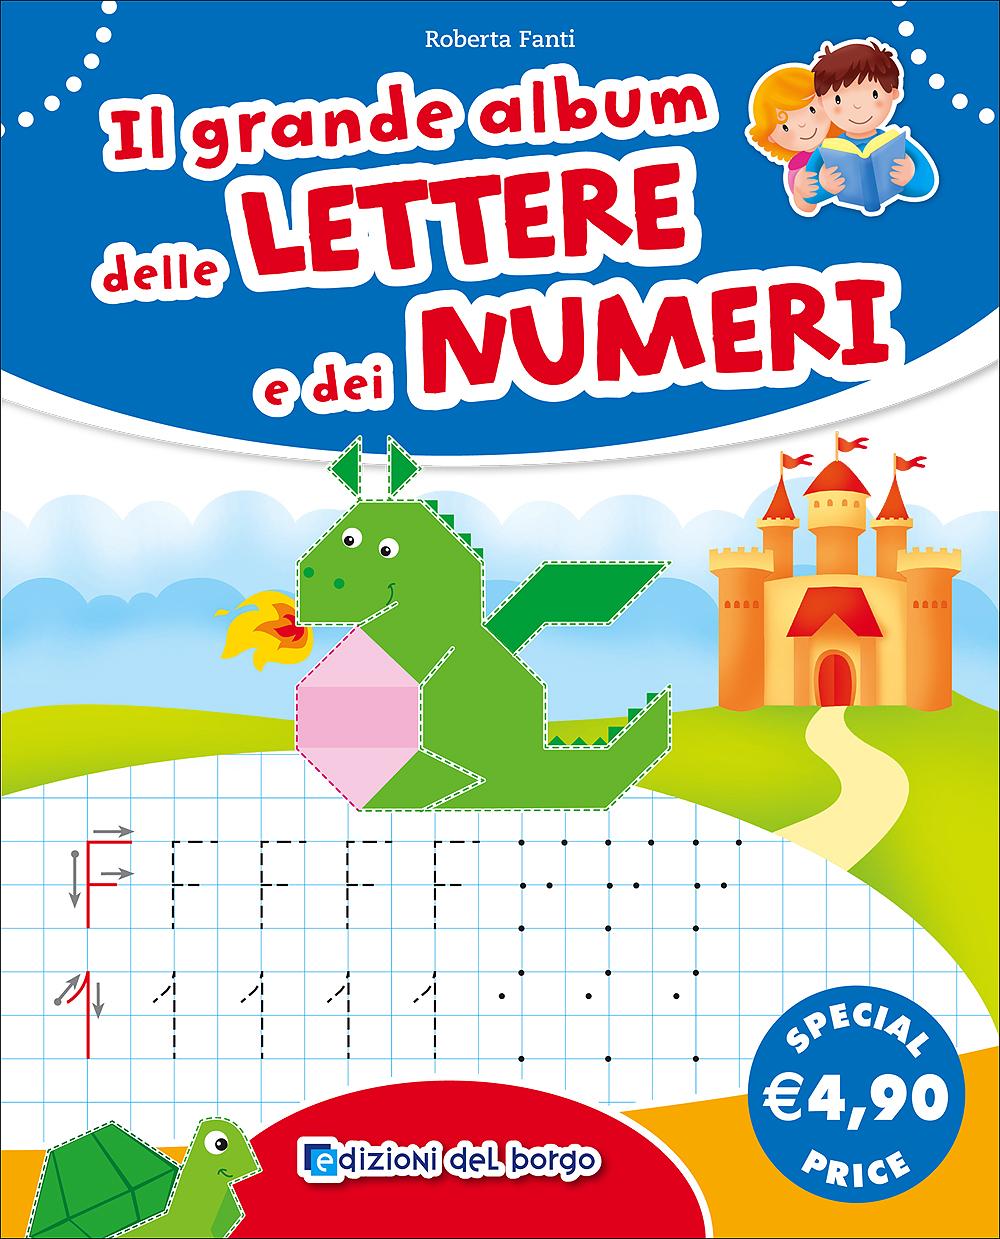 Il grande album delle lettere e dei numeri (GDO)